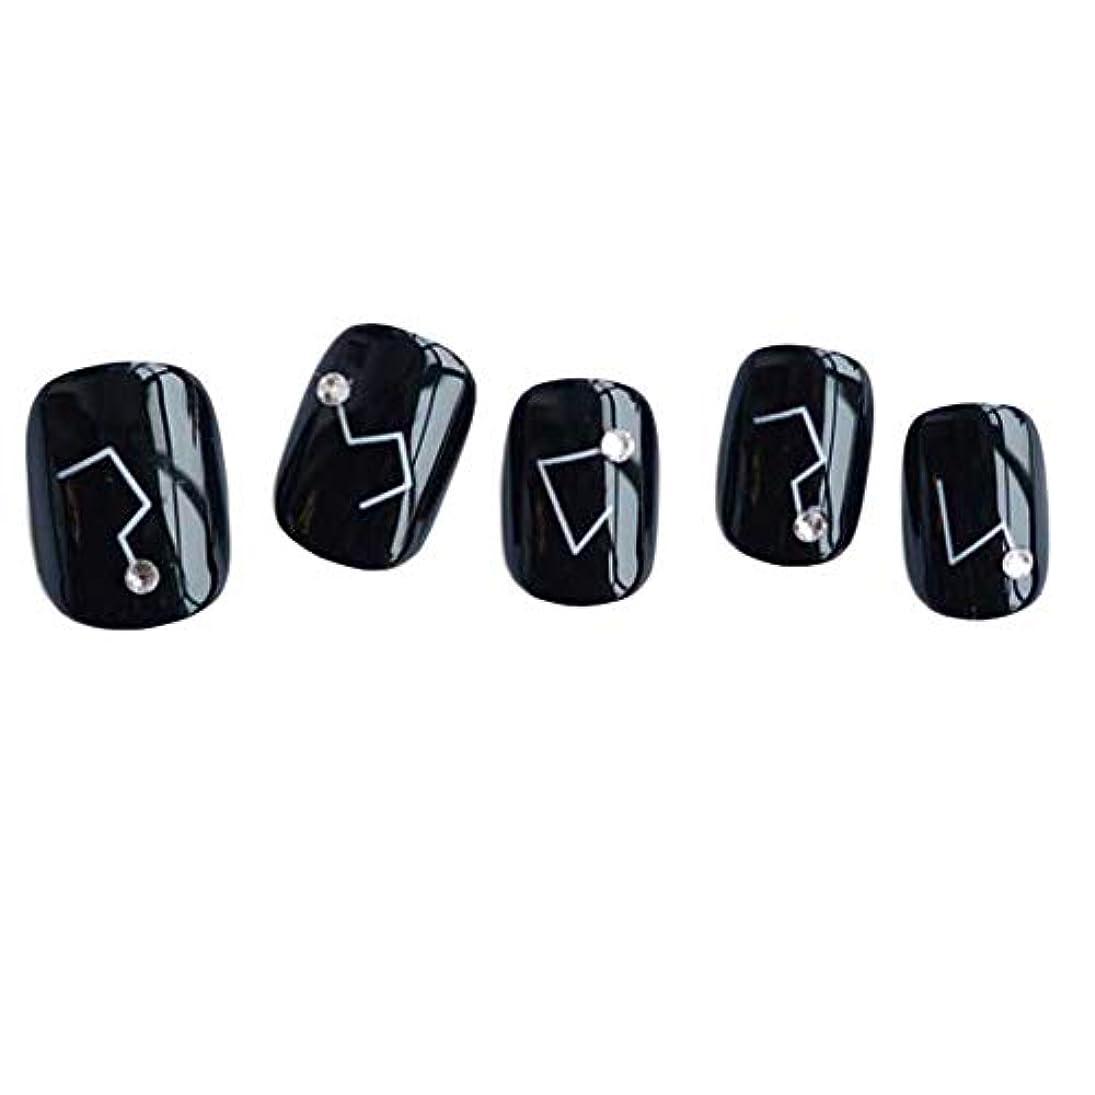 飛躍ブレーク喜んで星座 - 黒い短い偽の指爪人工爪の装飾の爪のヒント